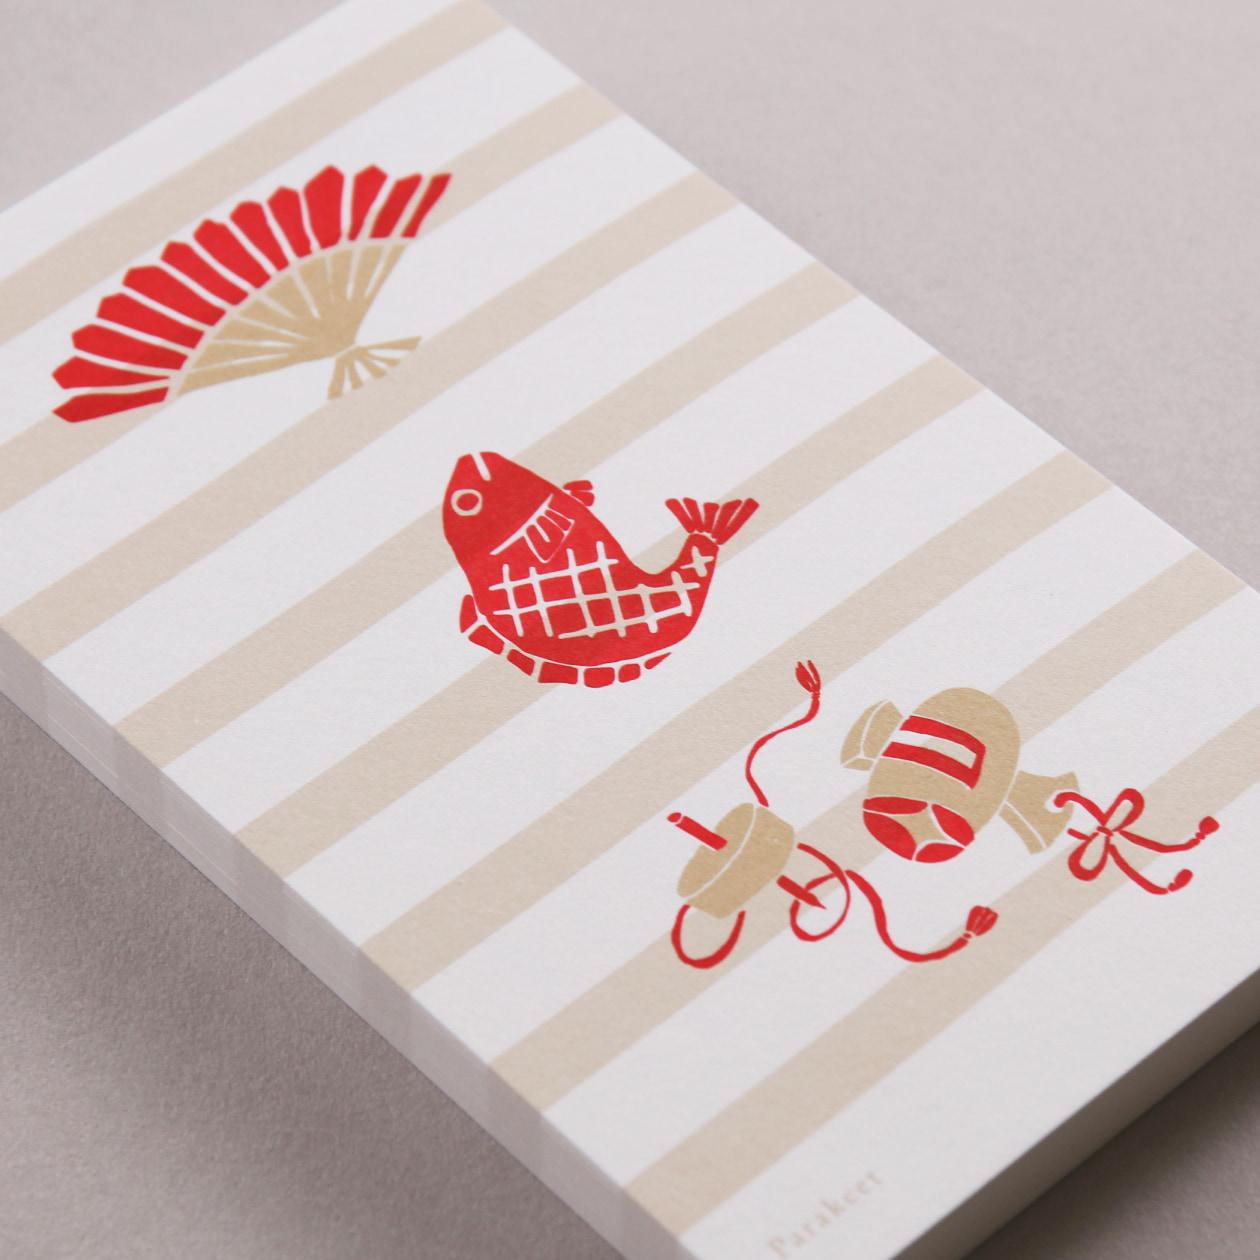 手書きのイラスト×活版印刷で味がある年賀状